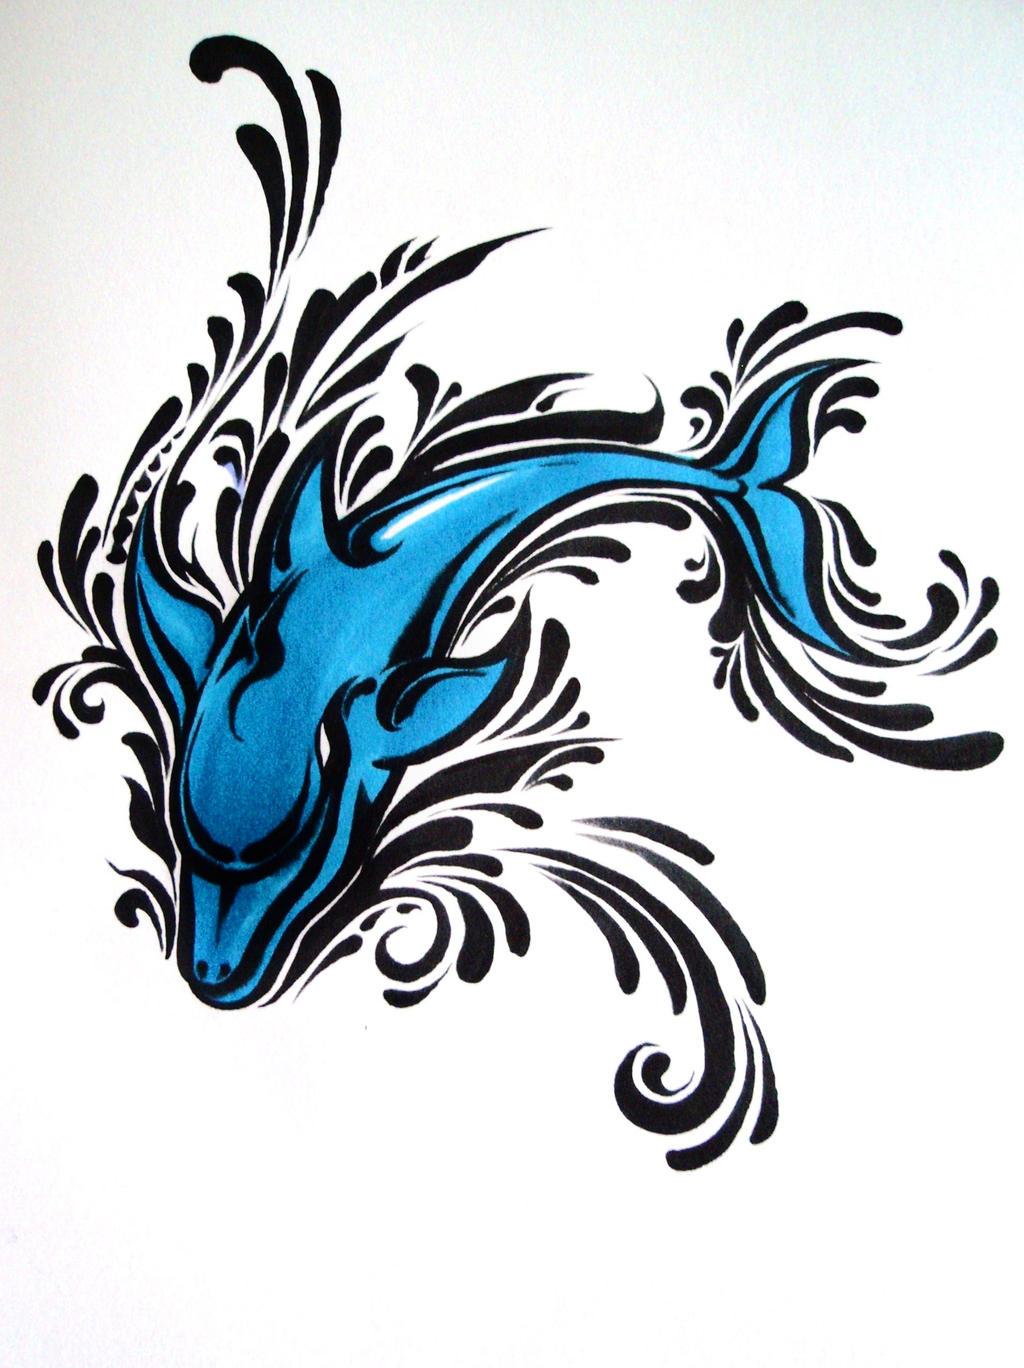 Fun with a Dolphin by Elliesmeria